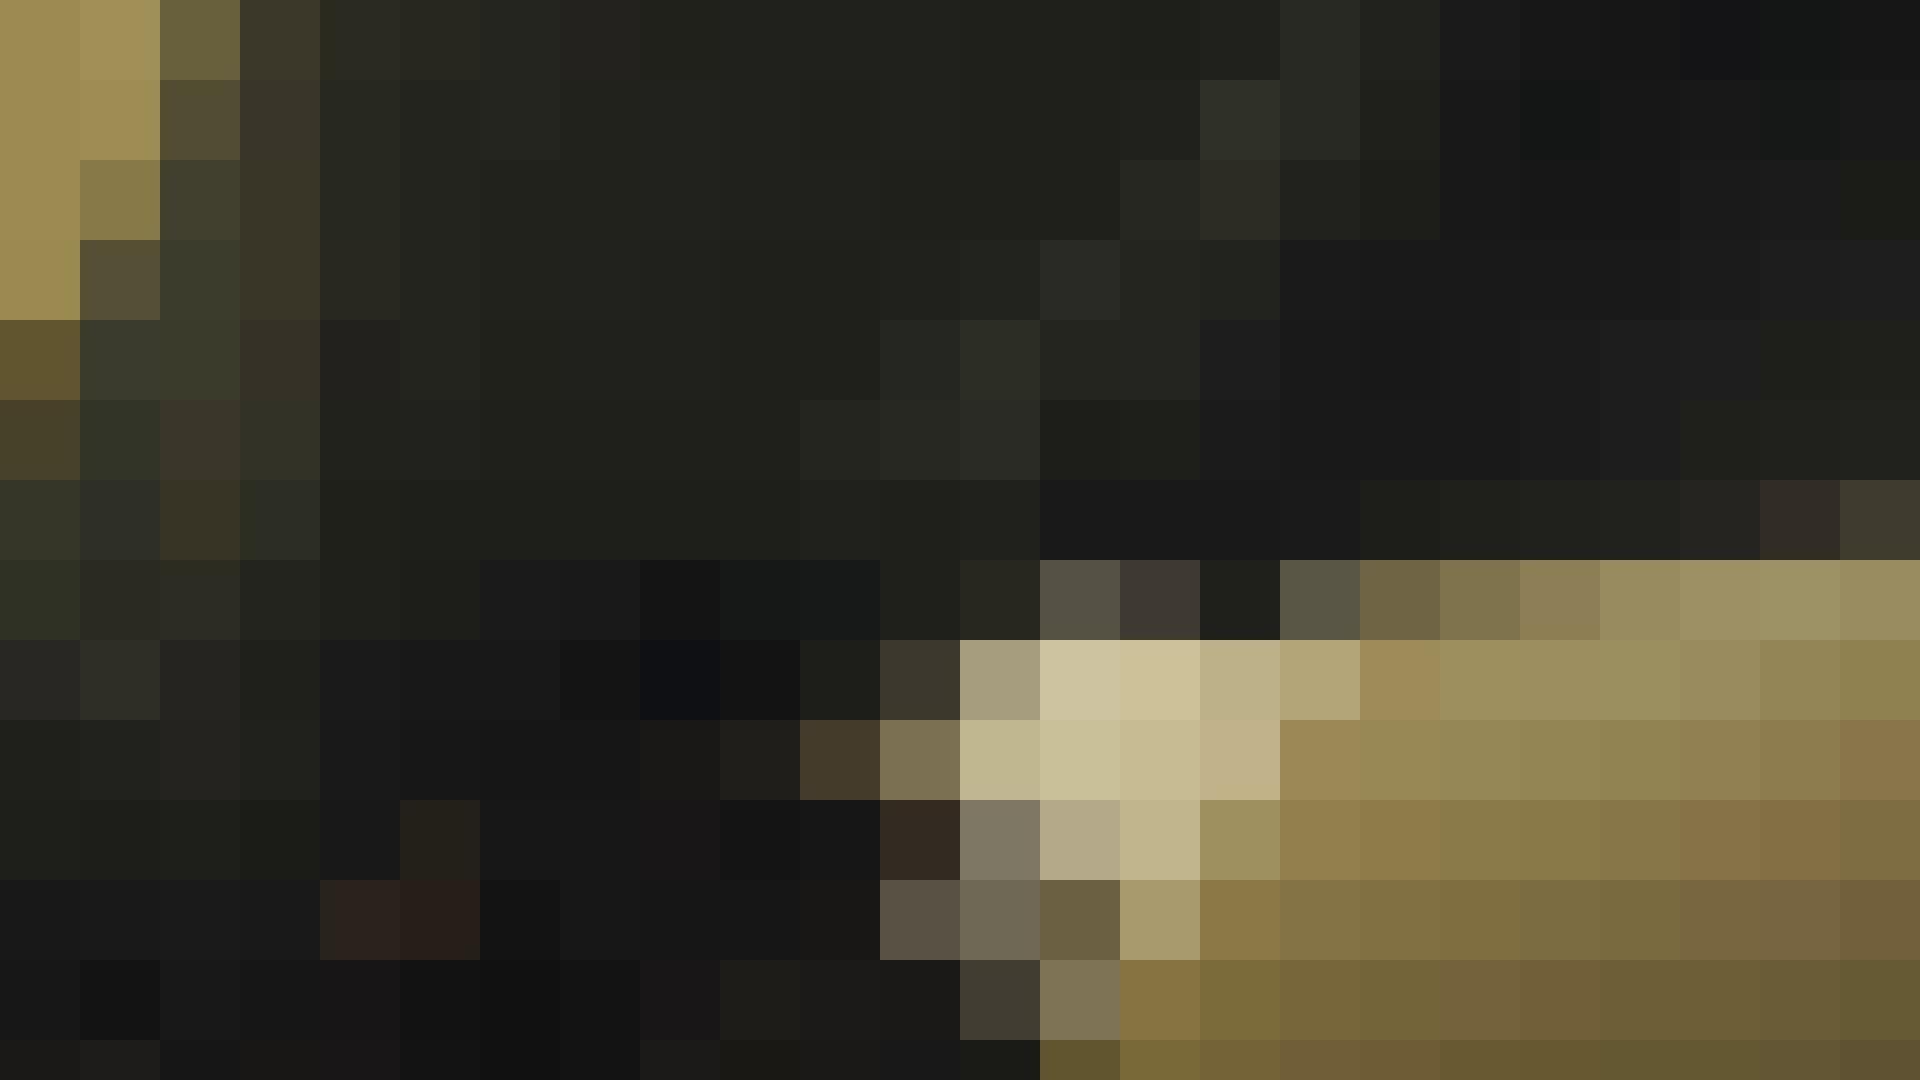 世界の射窓から vol.41 ぼうしタンのアソコ エッチすぎるOL達   洗面所  37連発 15